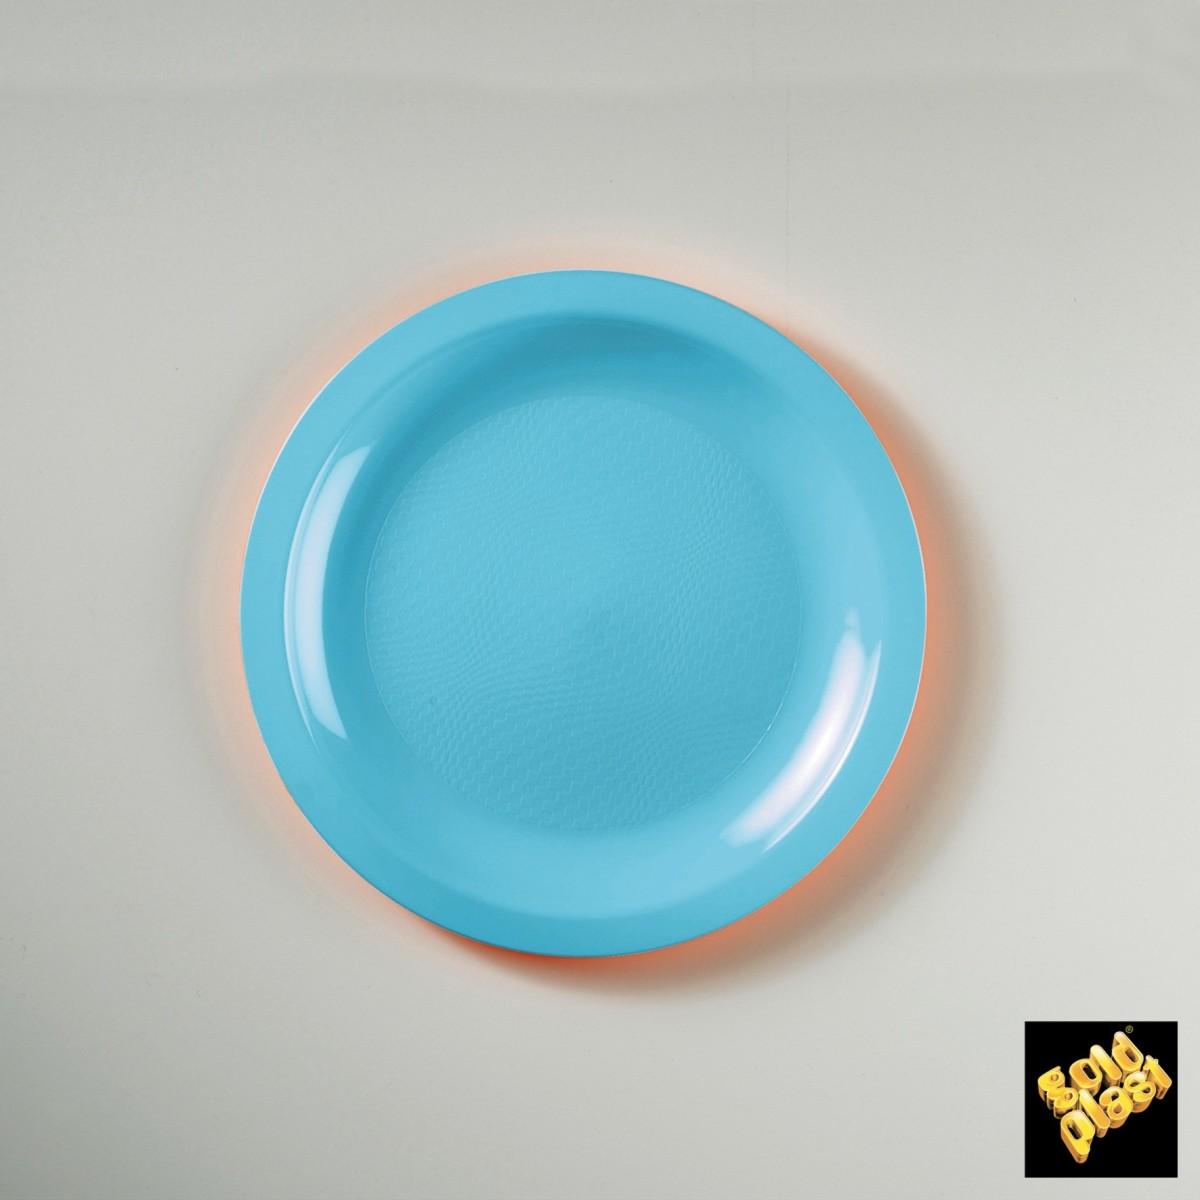 Piatto da Dessert in Plastica Colorato Diam. Cm.18,5 Confezione 50 Pezzi Azzurro